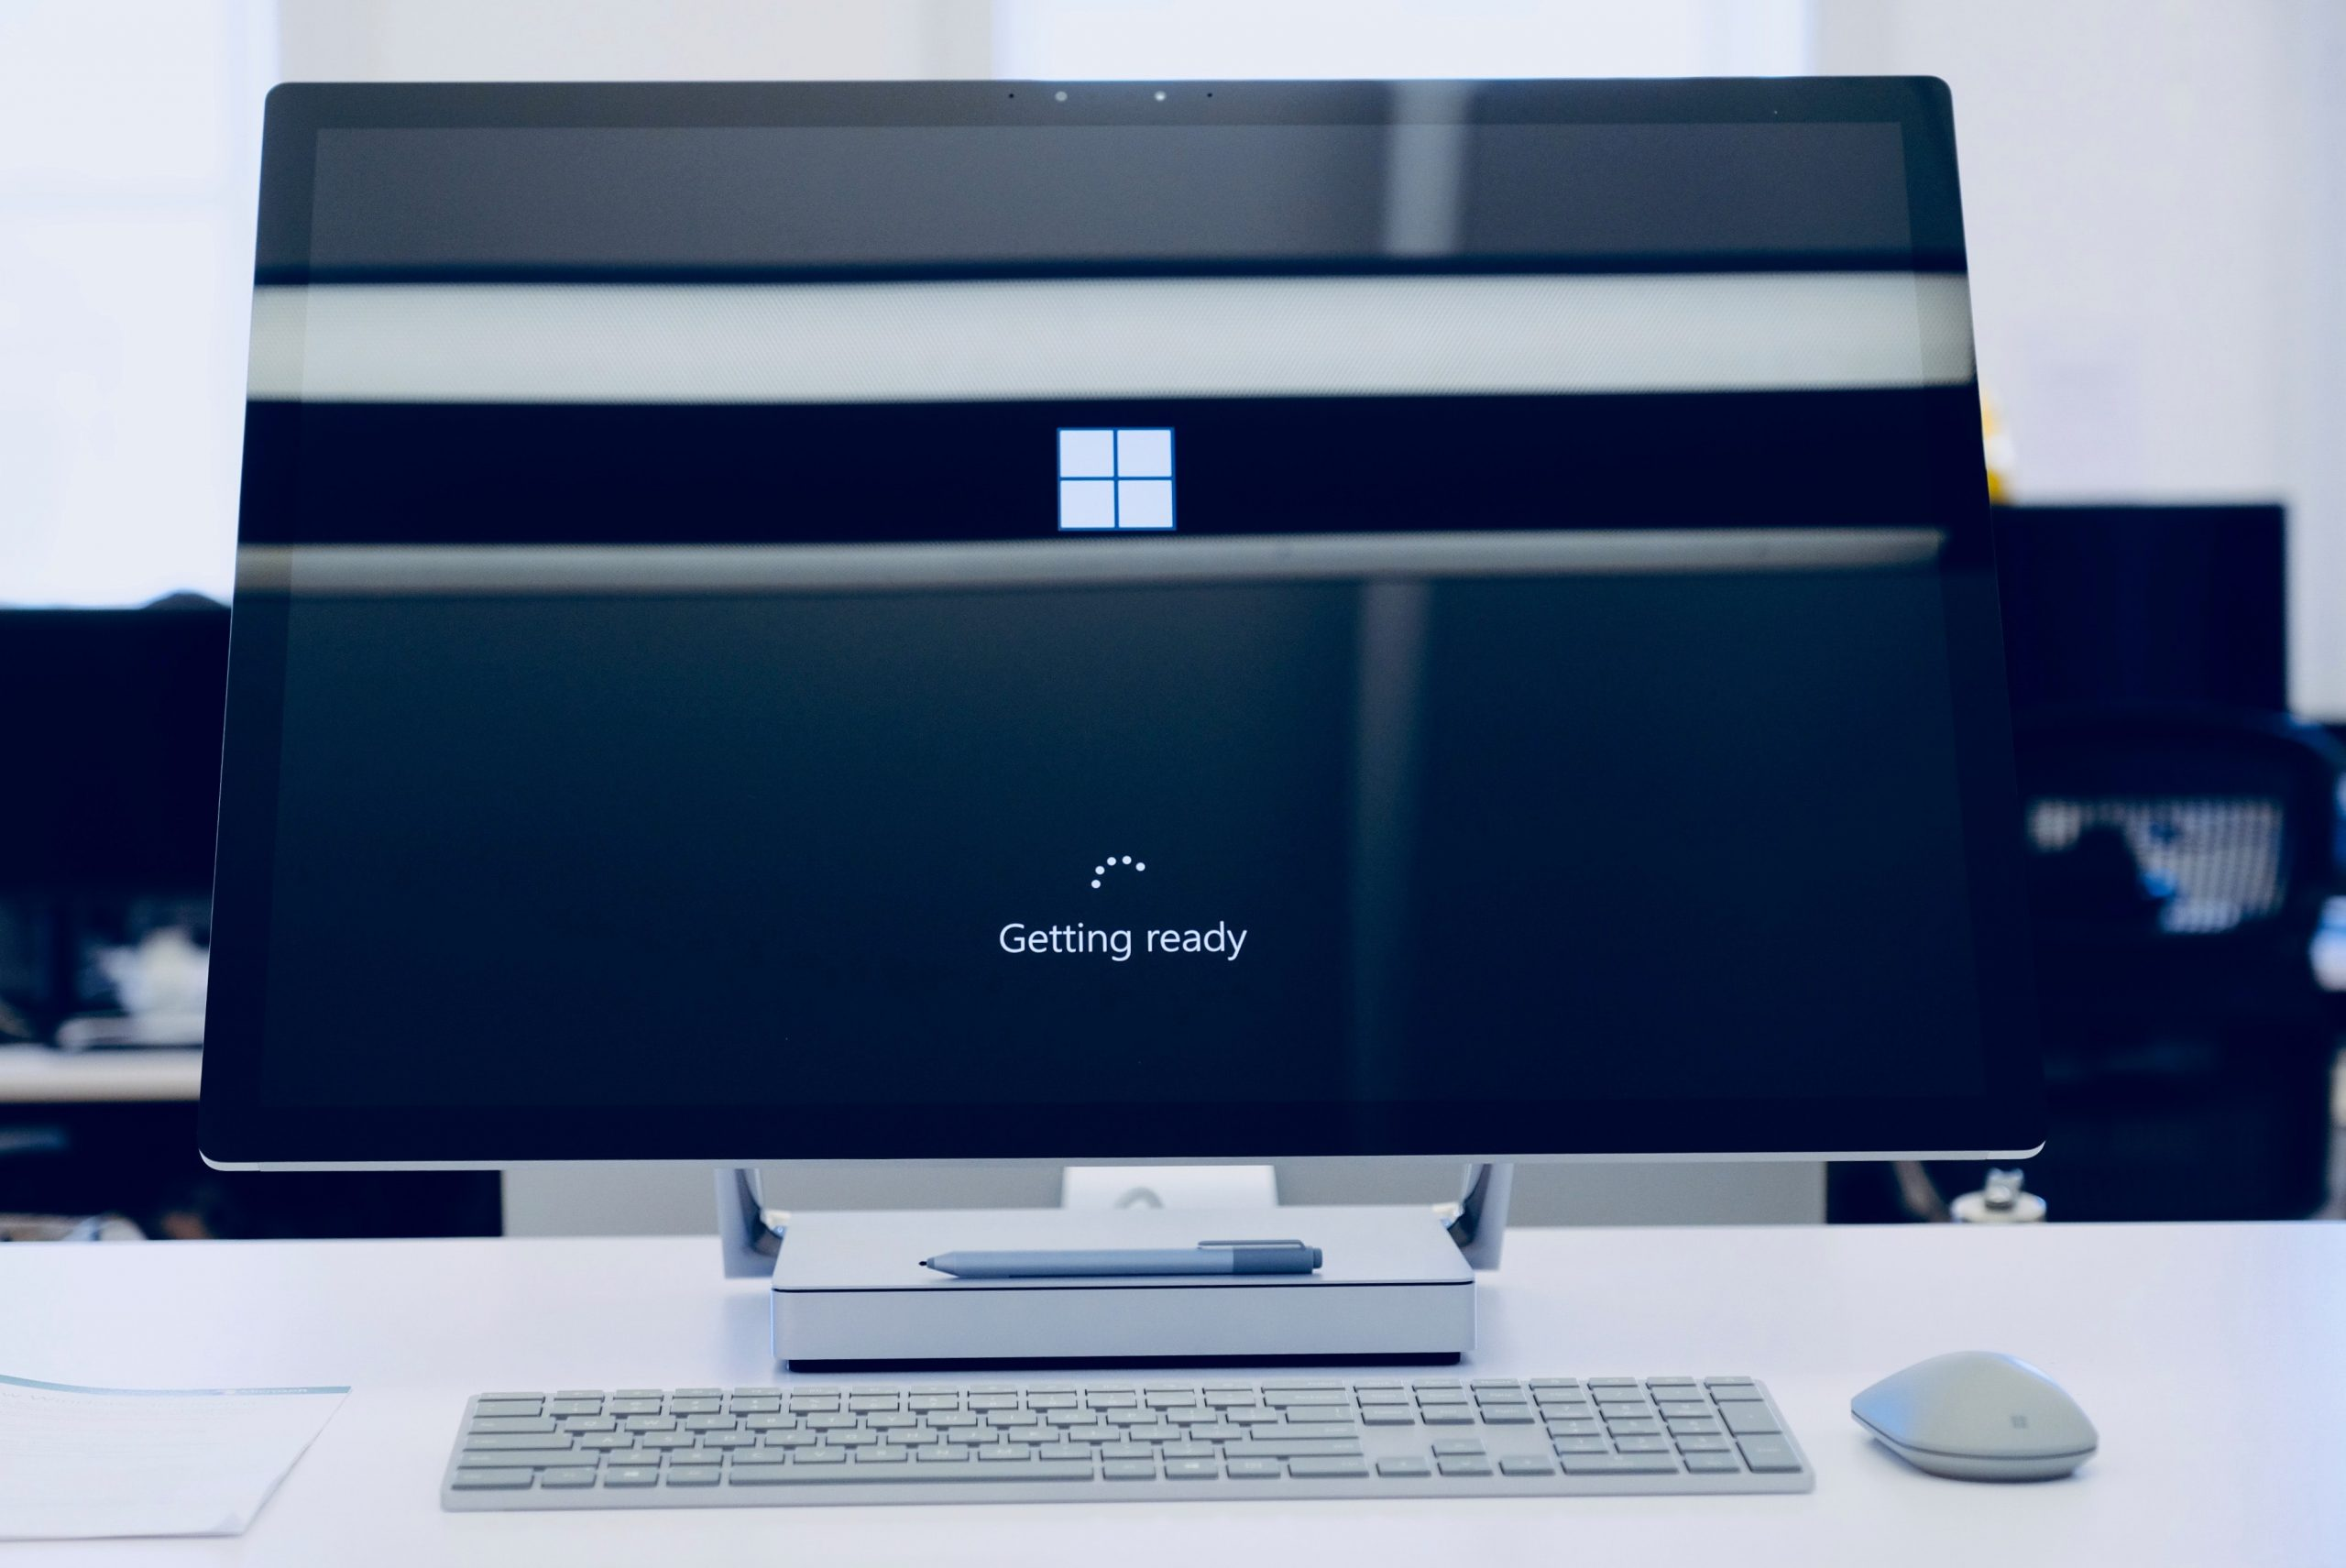 Clock Watchdog Timeout Windows 10